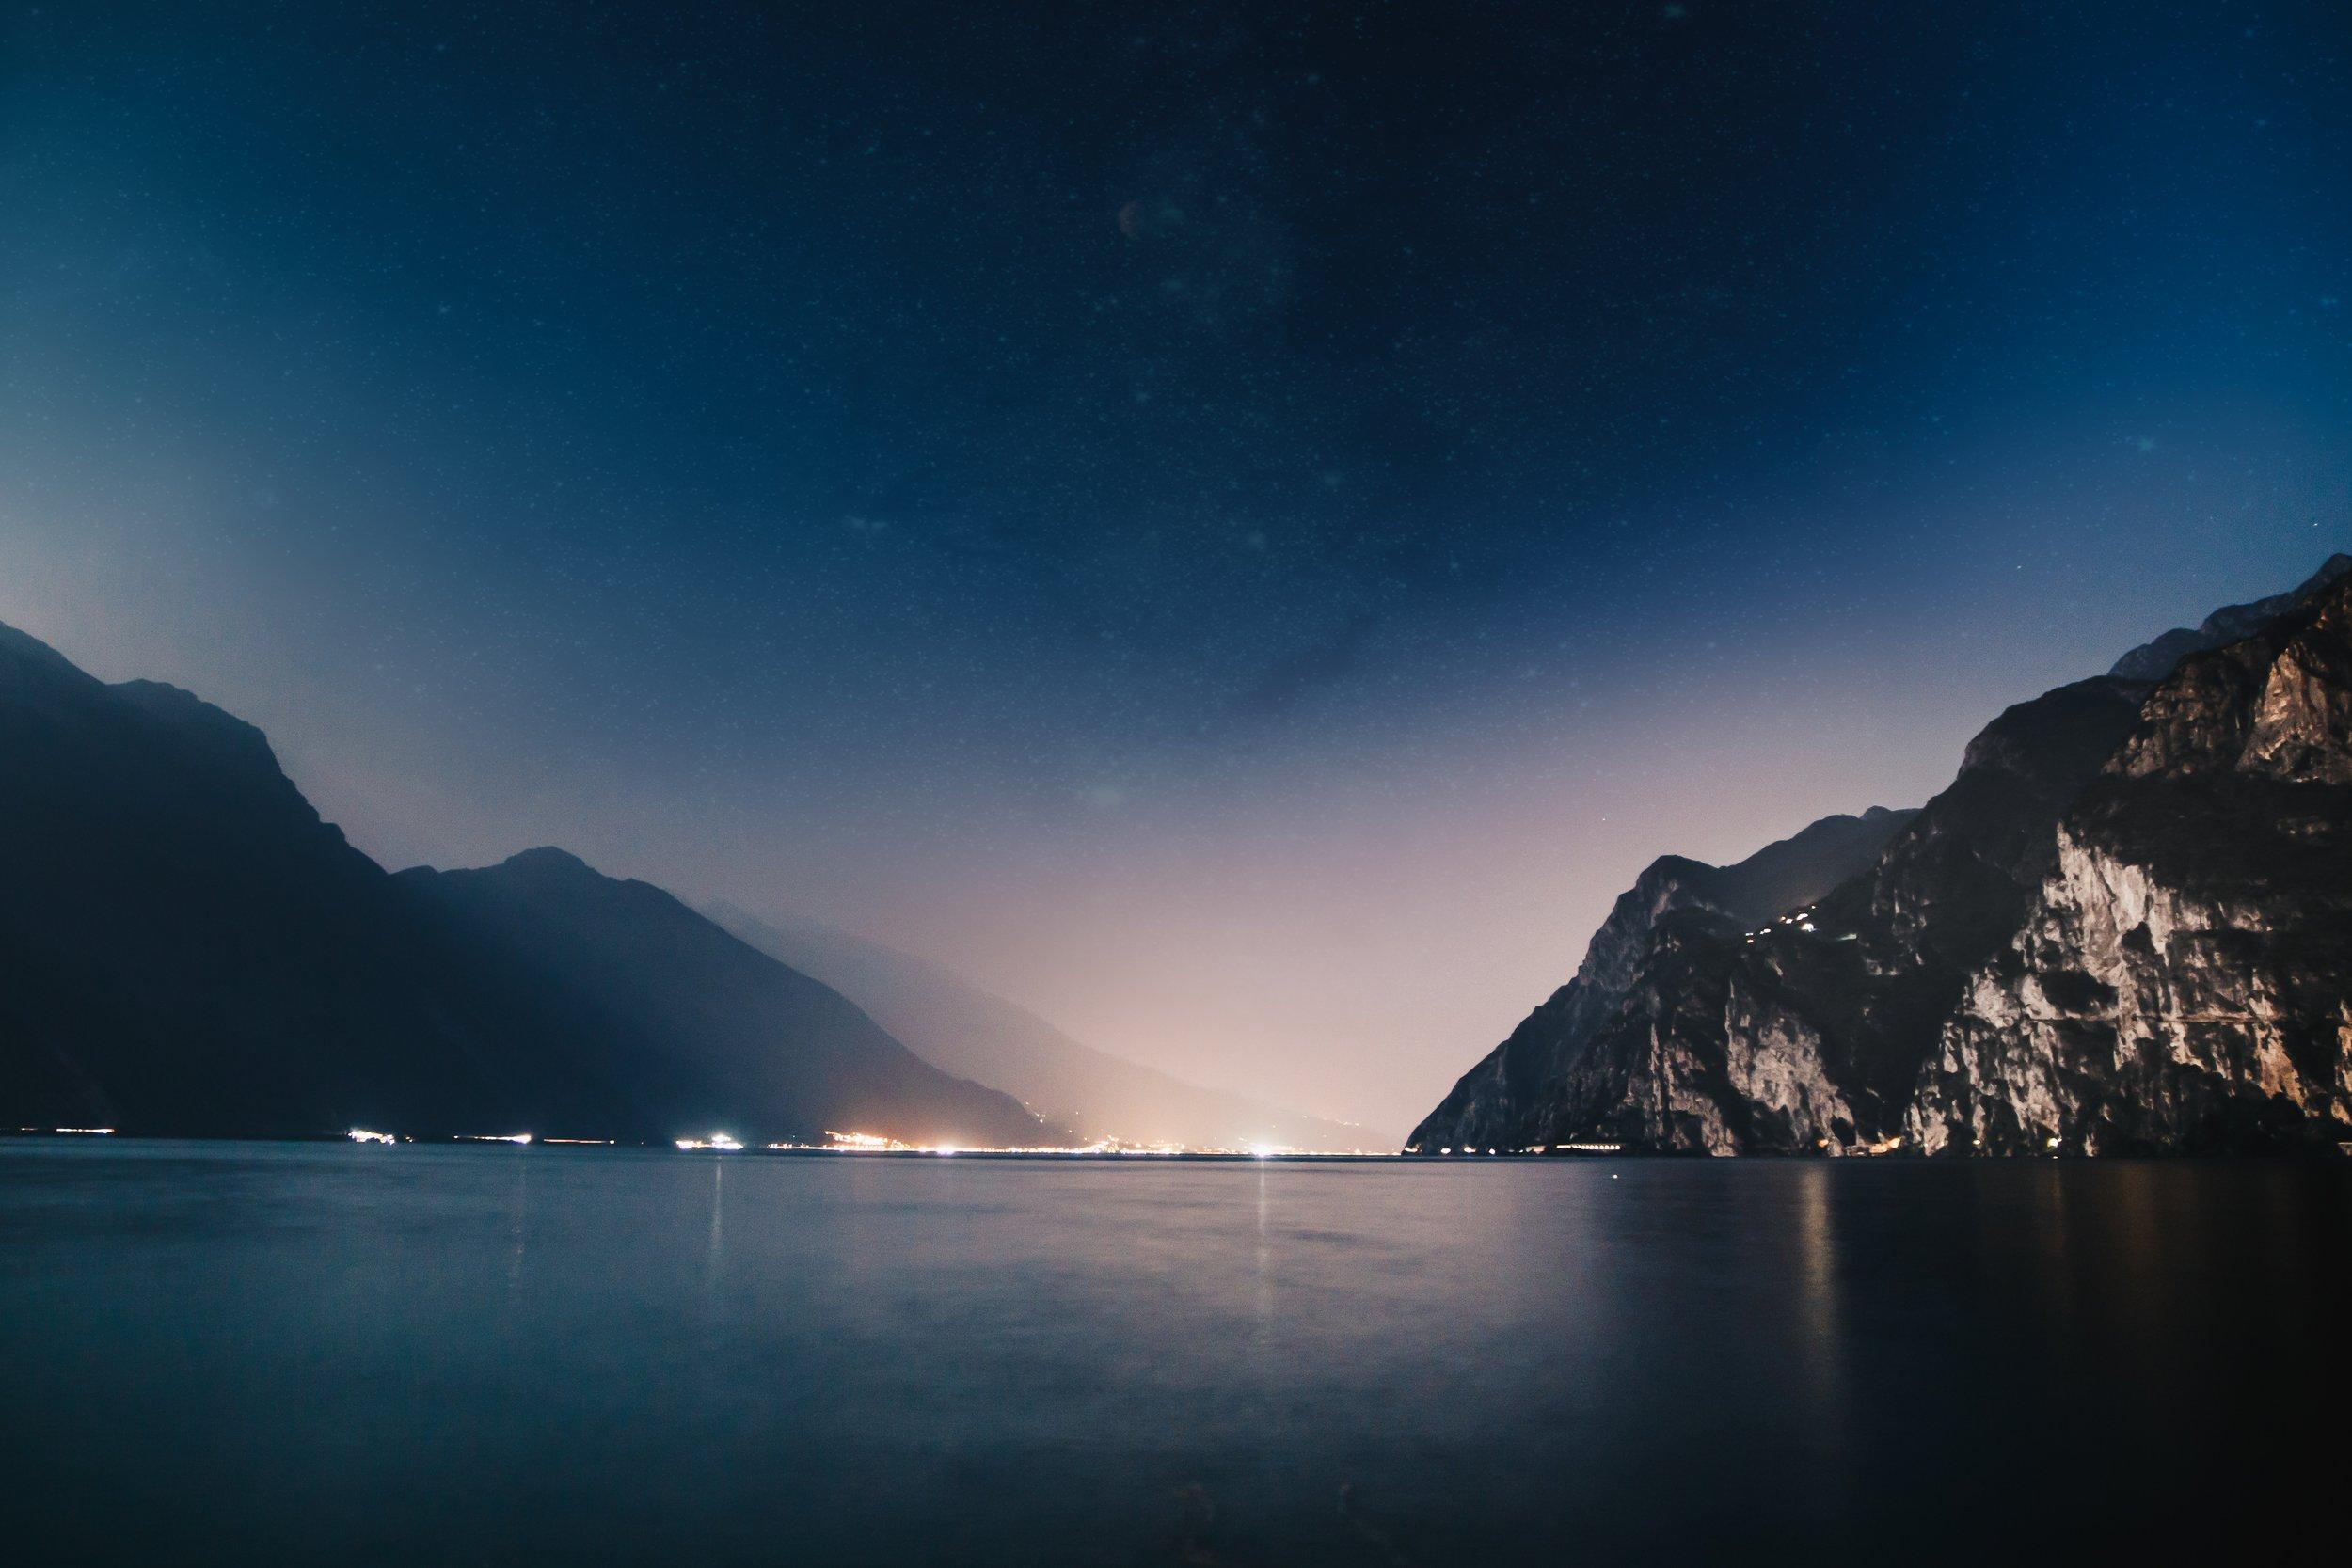 Henry Gressman, Lake Garda